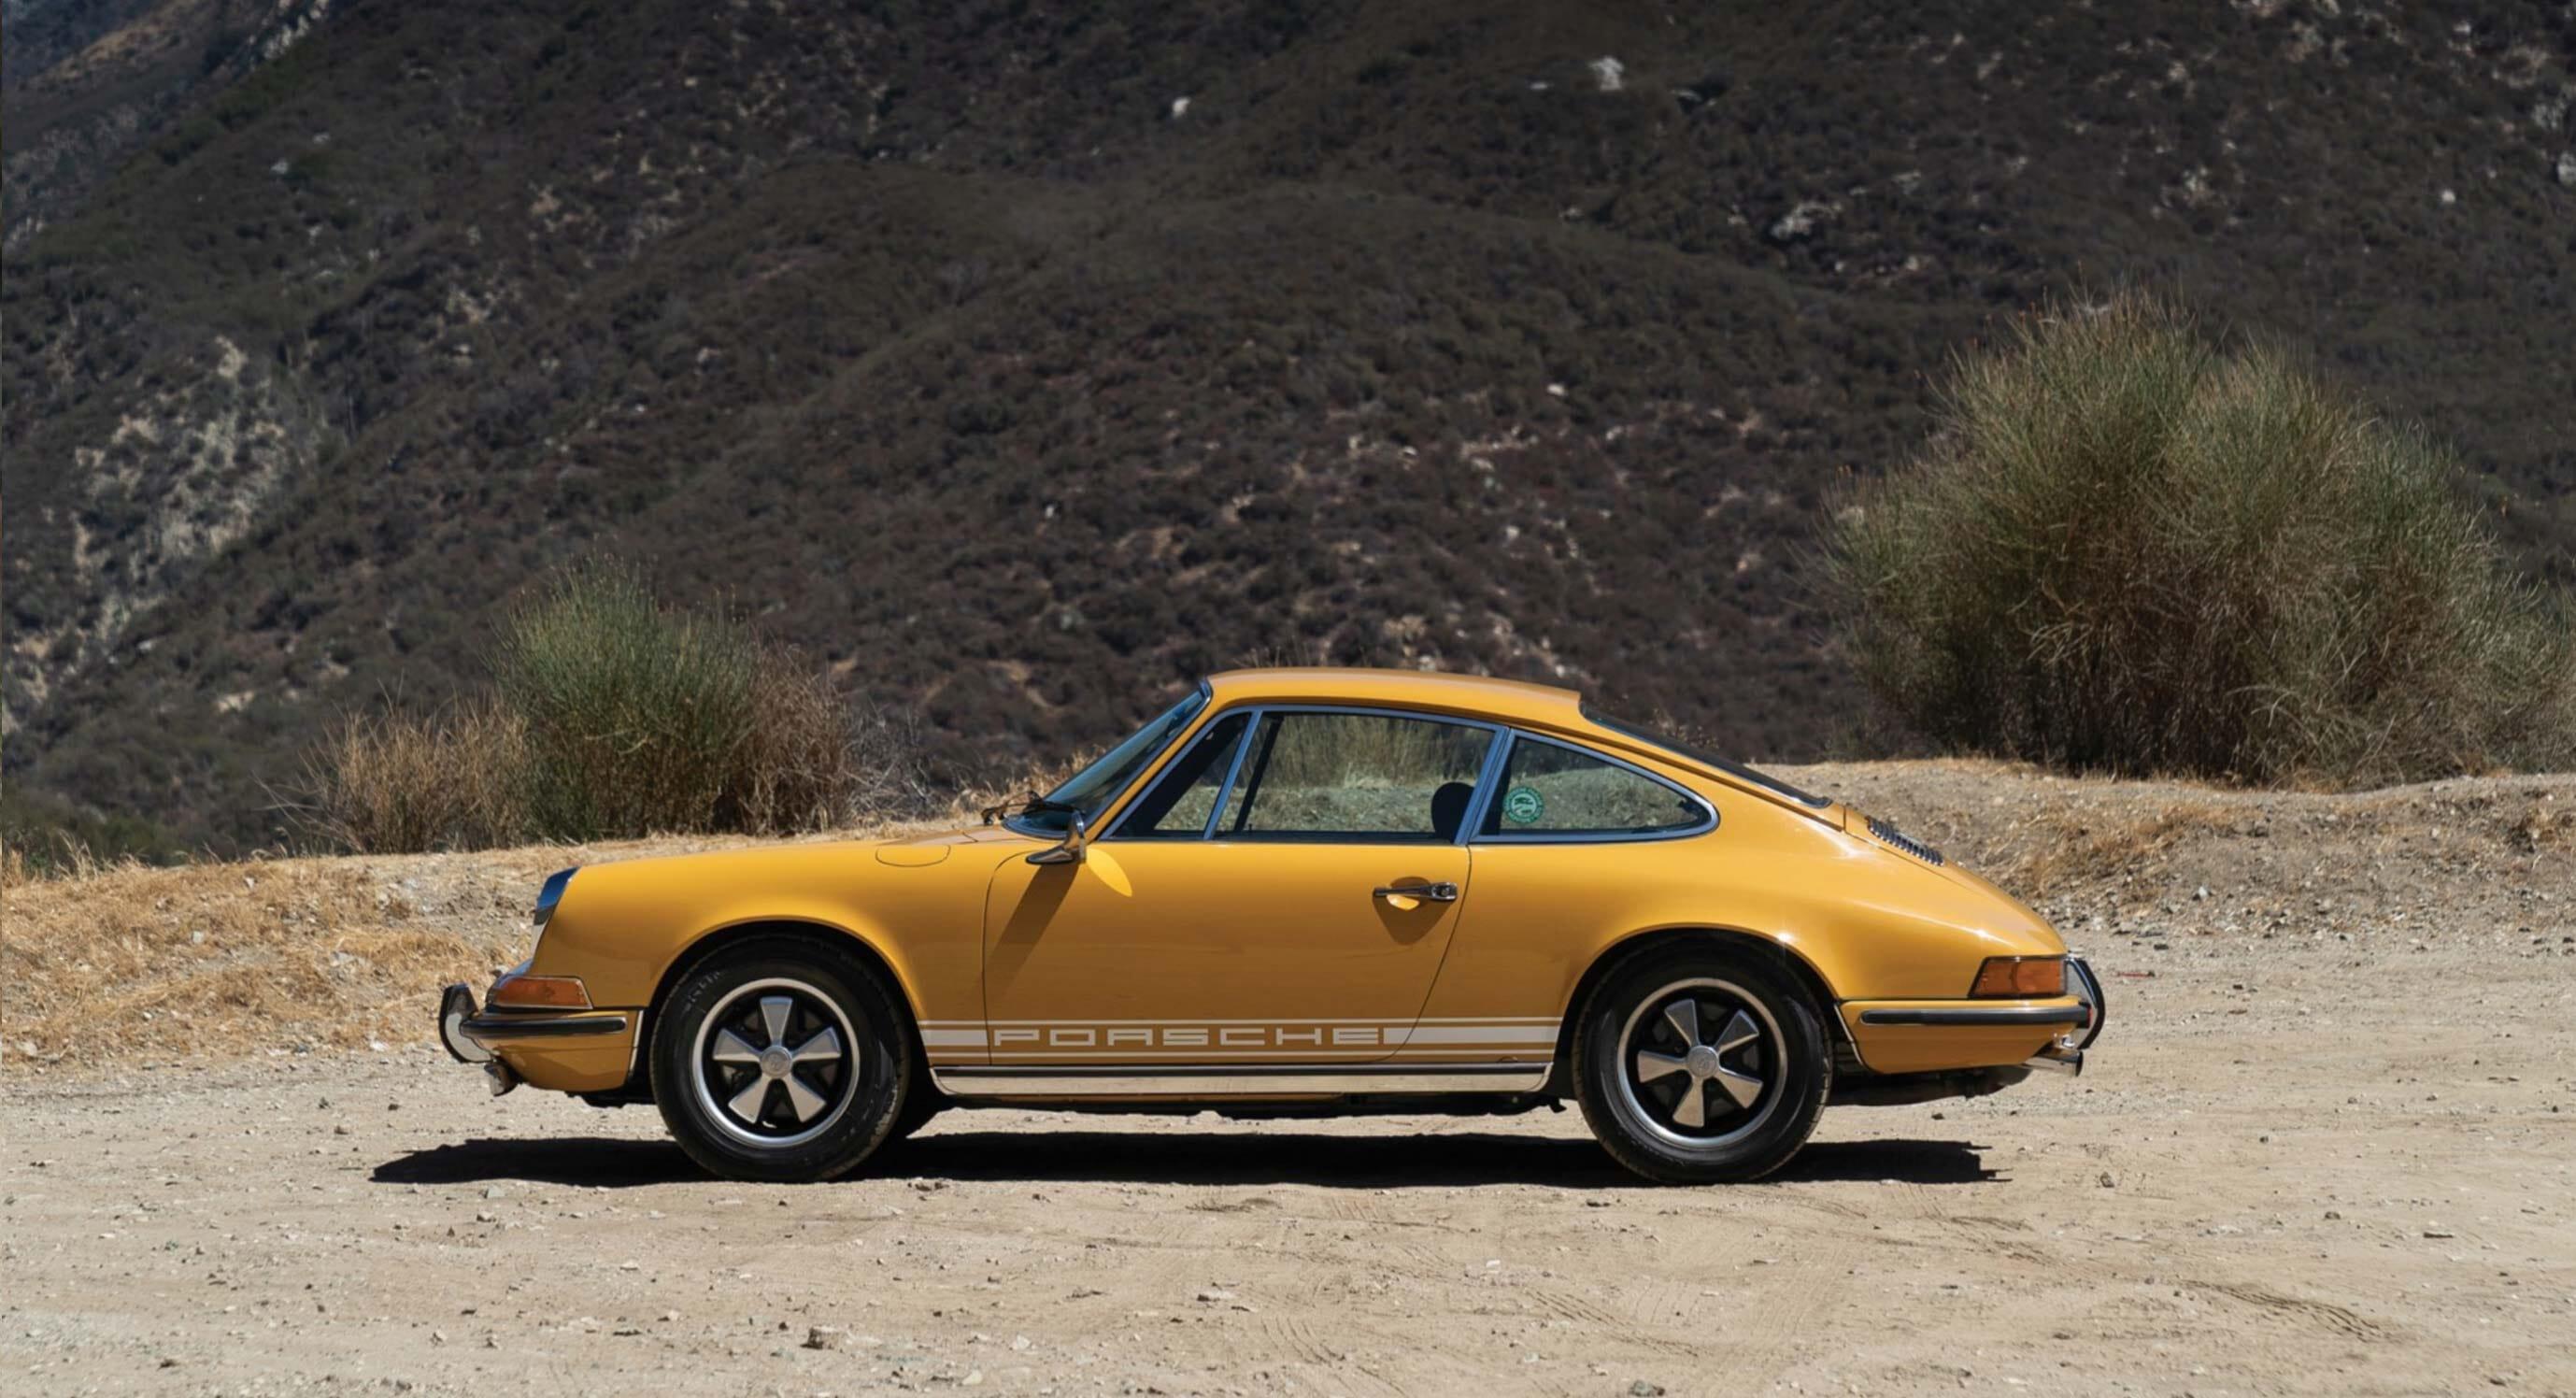 Classic Car Find of the Week: 1969 Porsche 911 E